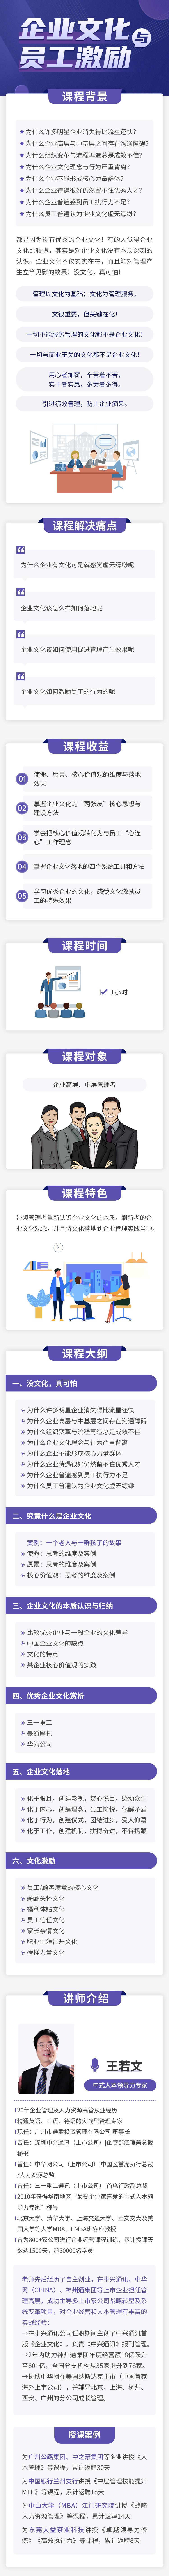 340b14b8fa2881524cc17eef078ab975 - 企业文化与员工激励,弓|进绩效管理,防止企业痴呆